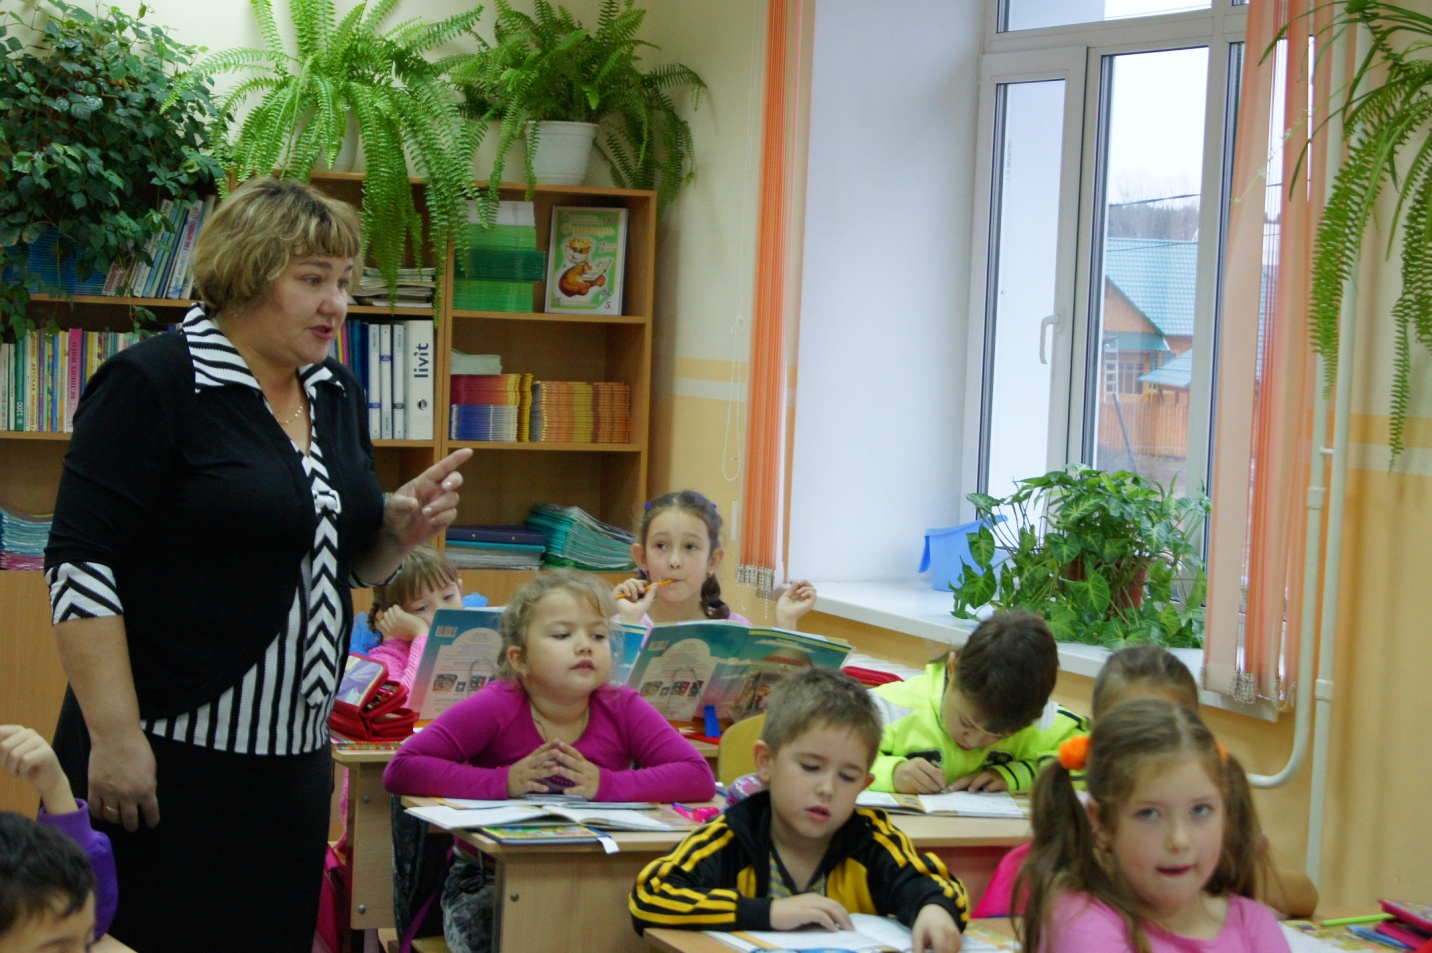 K:\фотографии\школьные\посвящение в 1 класс 2010\первоклашки\DSC00038.JPG